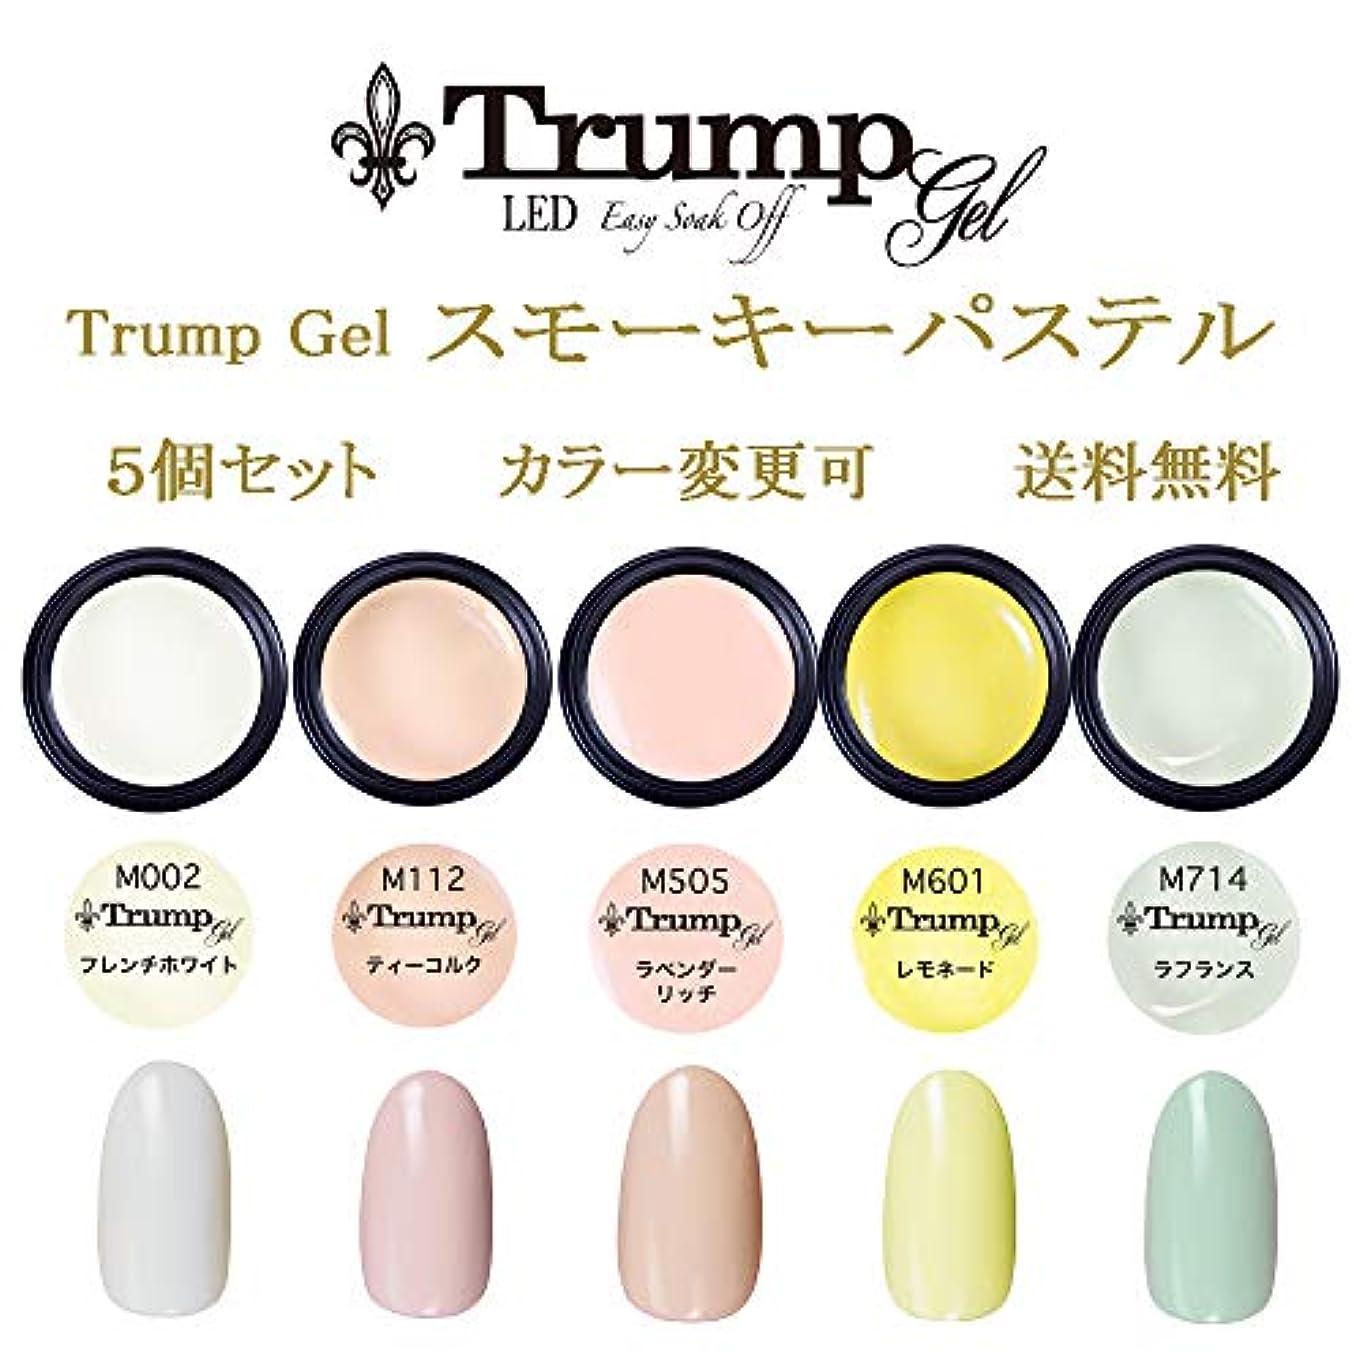 手伝う悪いベース日本製 Trump gel トランプジェル スモーキー パステルカラー 選べる カラージェル5個セット ホワイト ベージュ ピンク イエロー グリーン